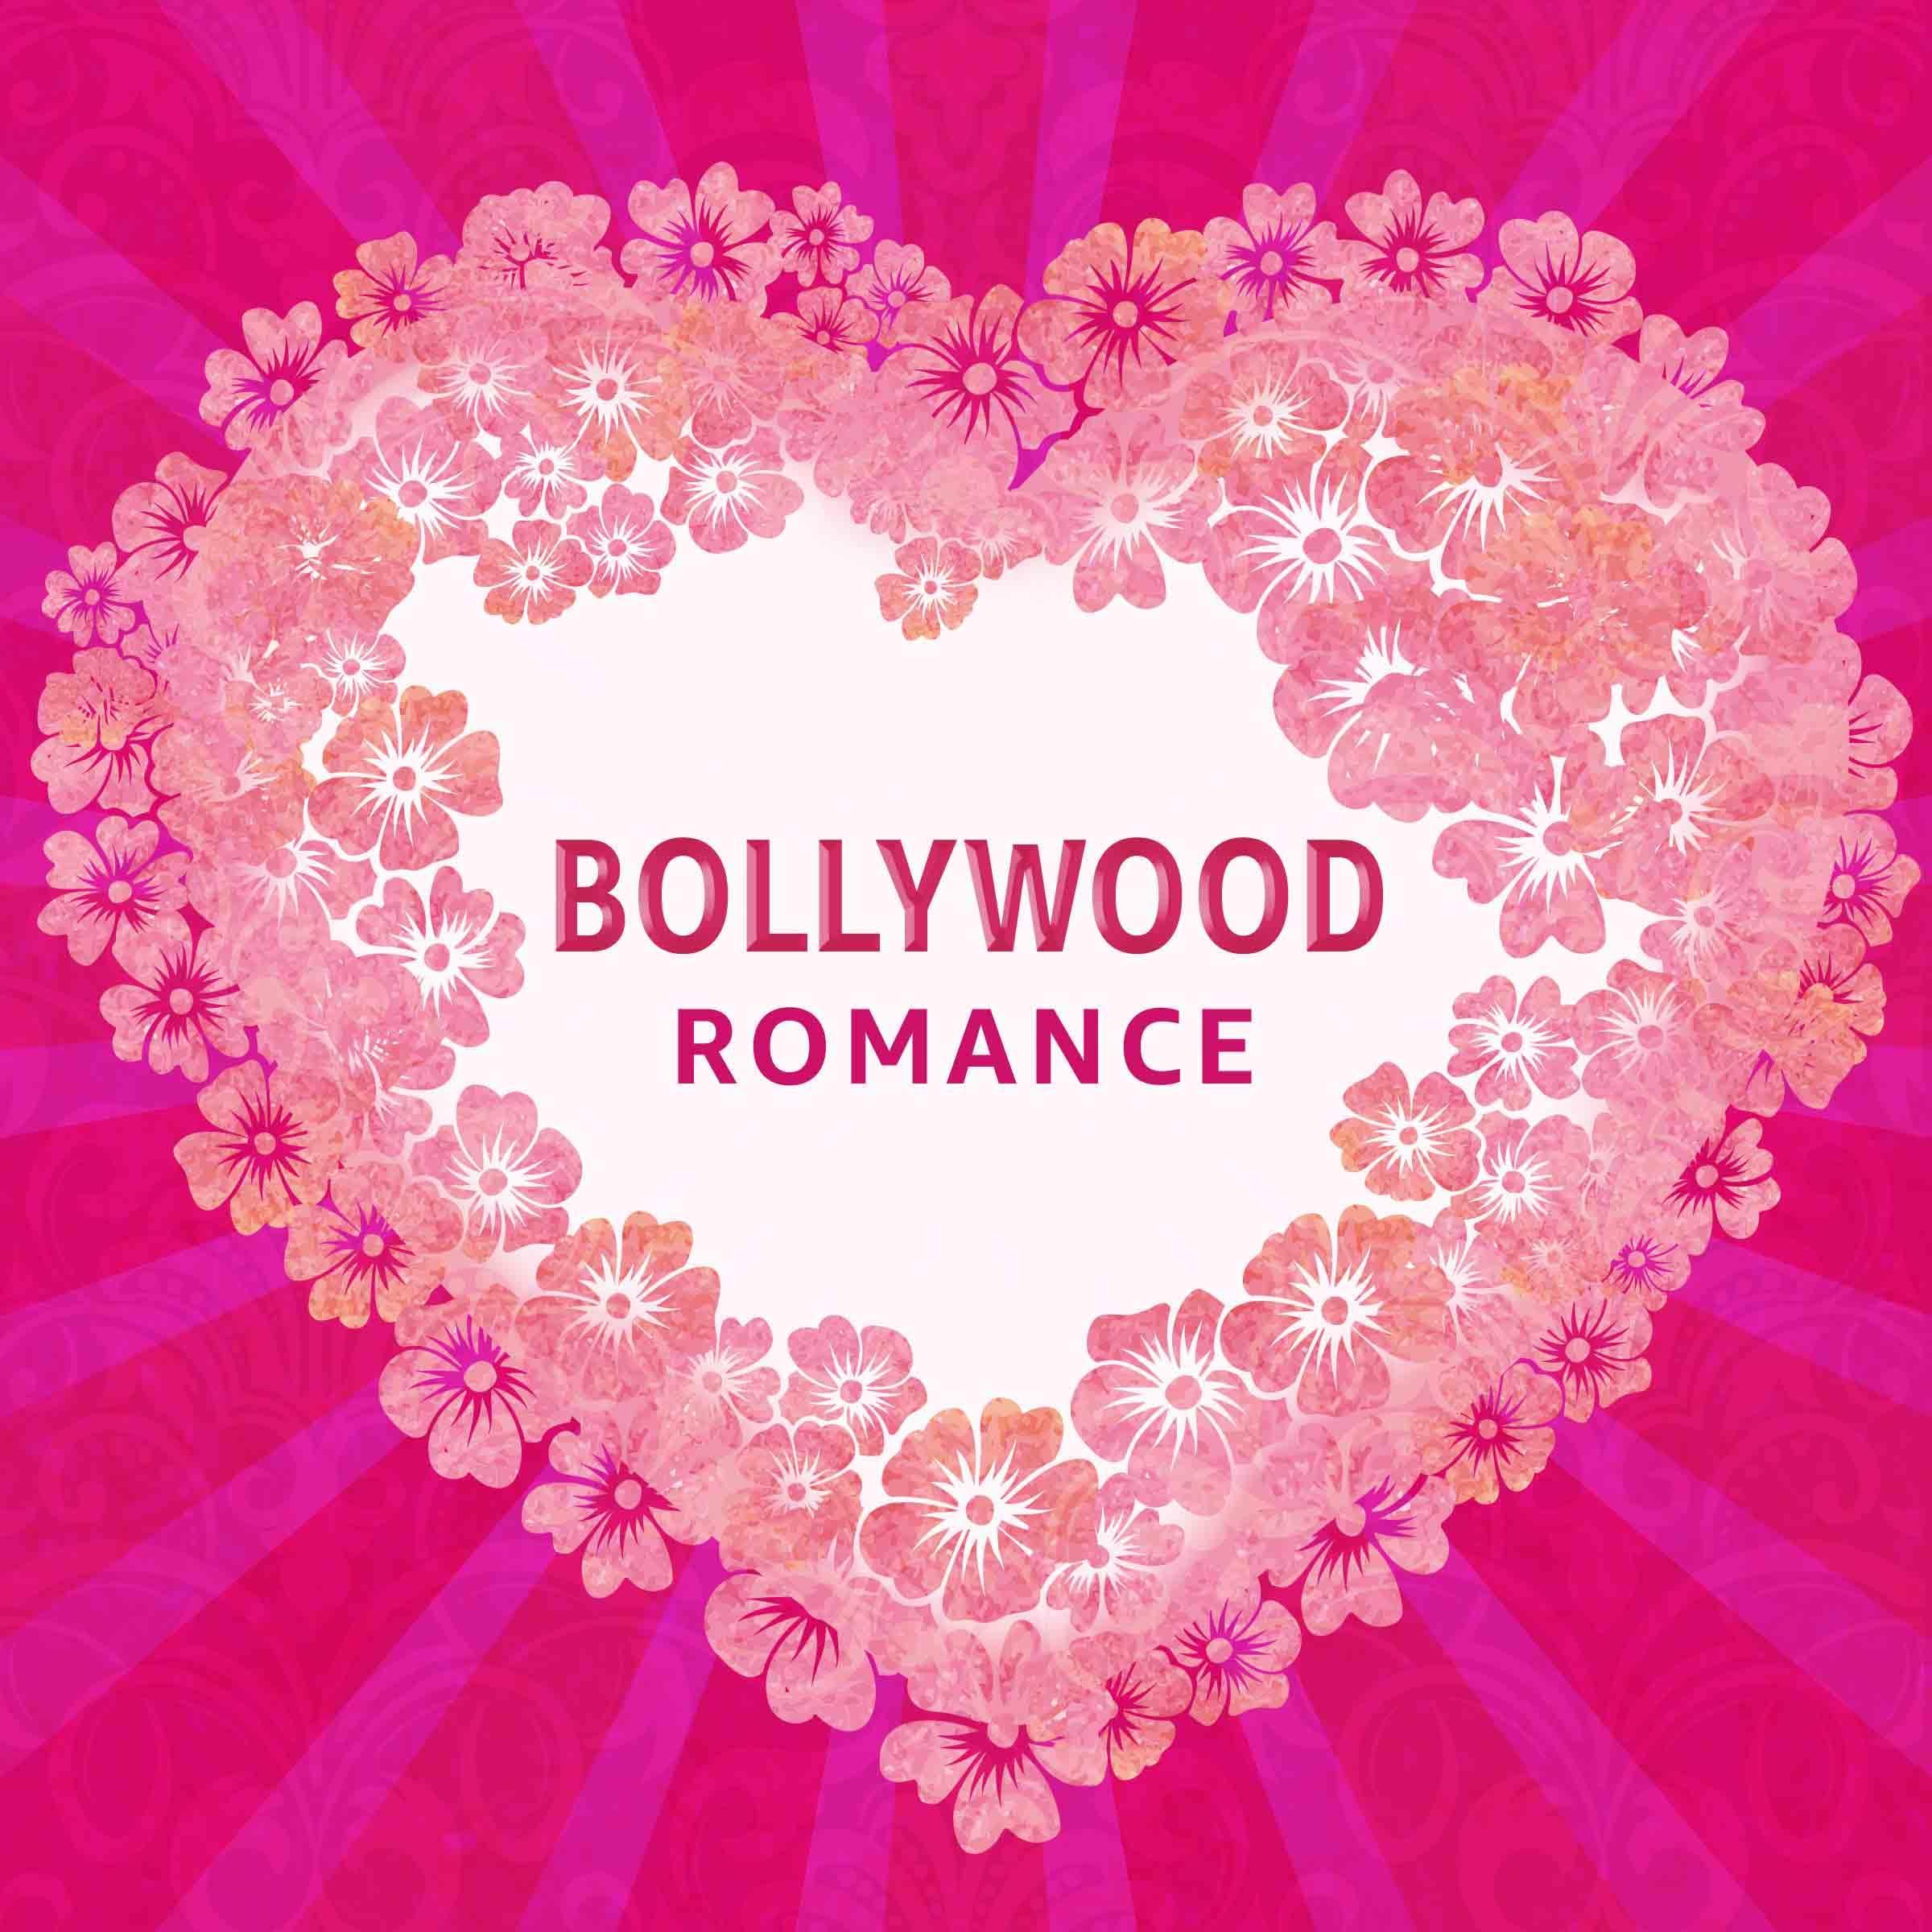 Bollywood Romance